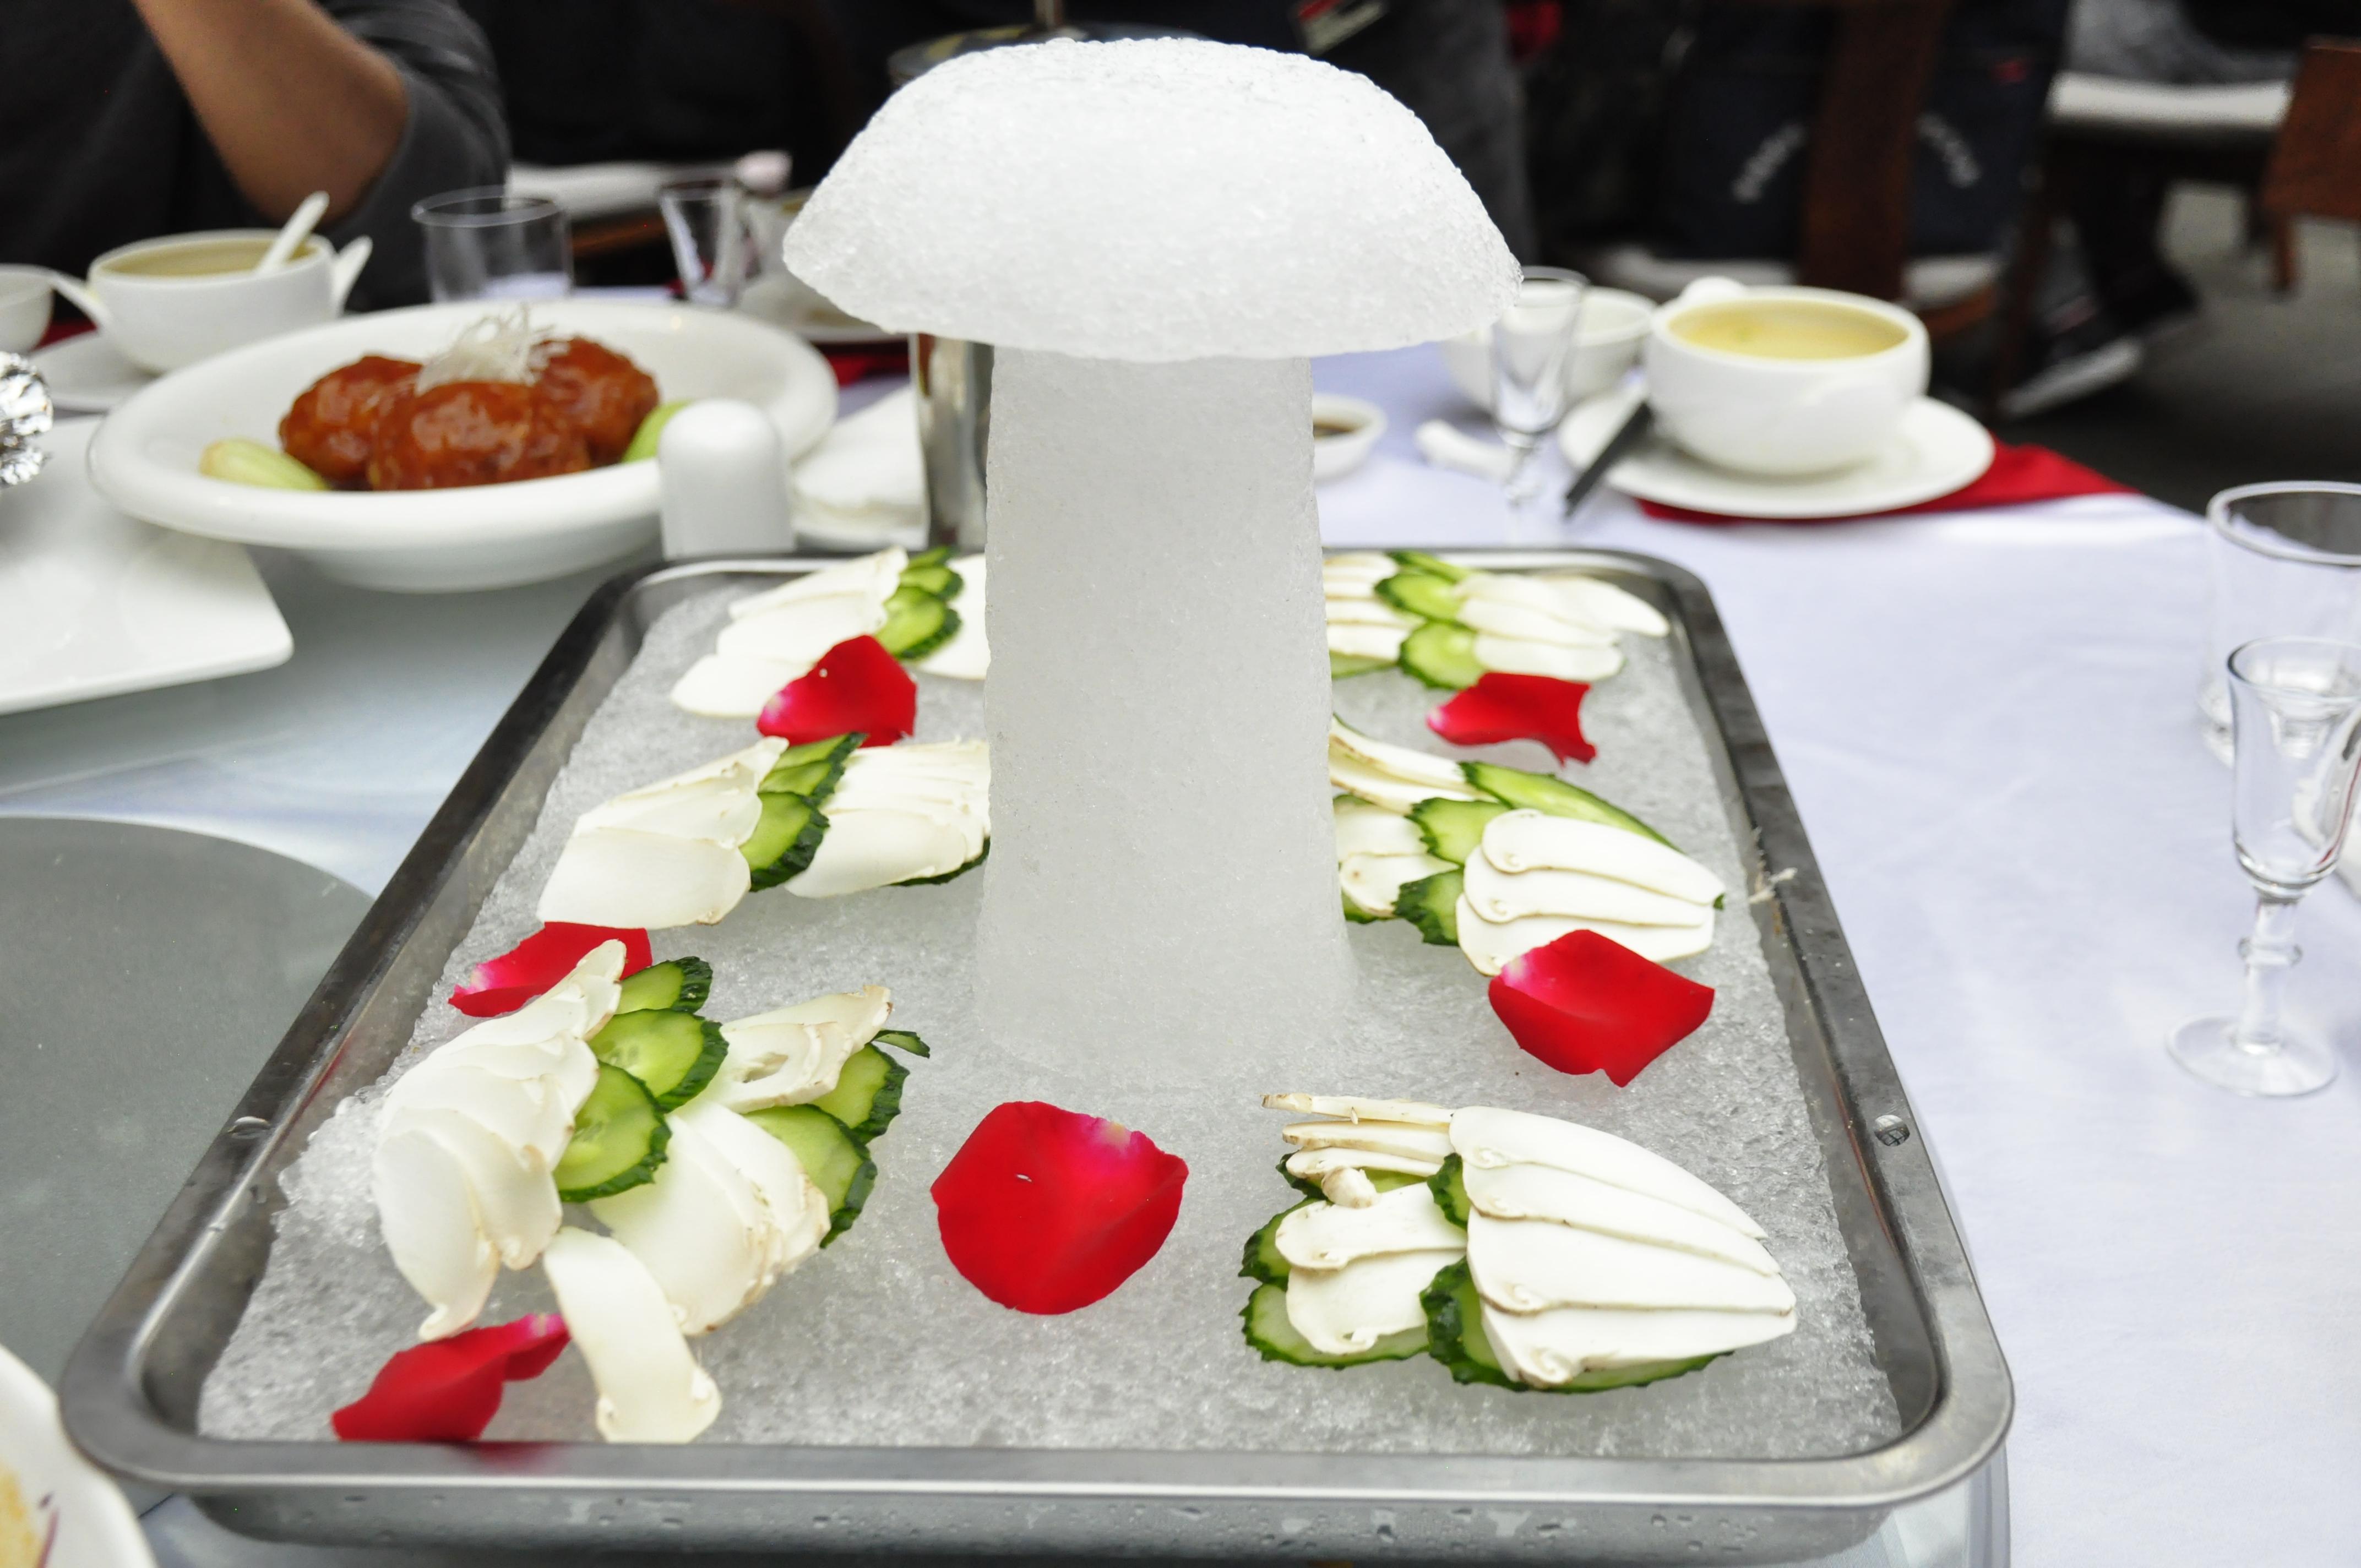 香格里拉松茸美食节在独克宗花巷启动